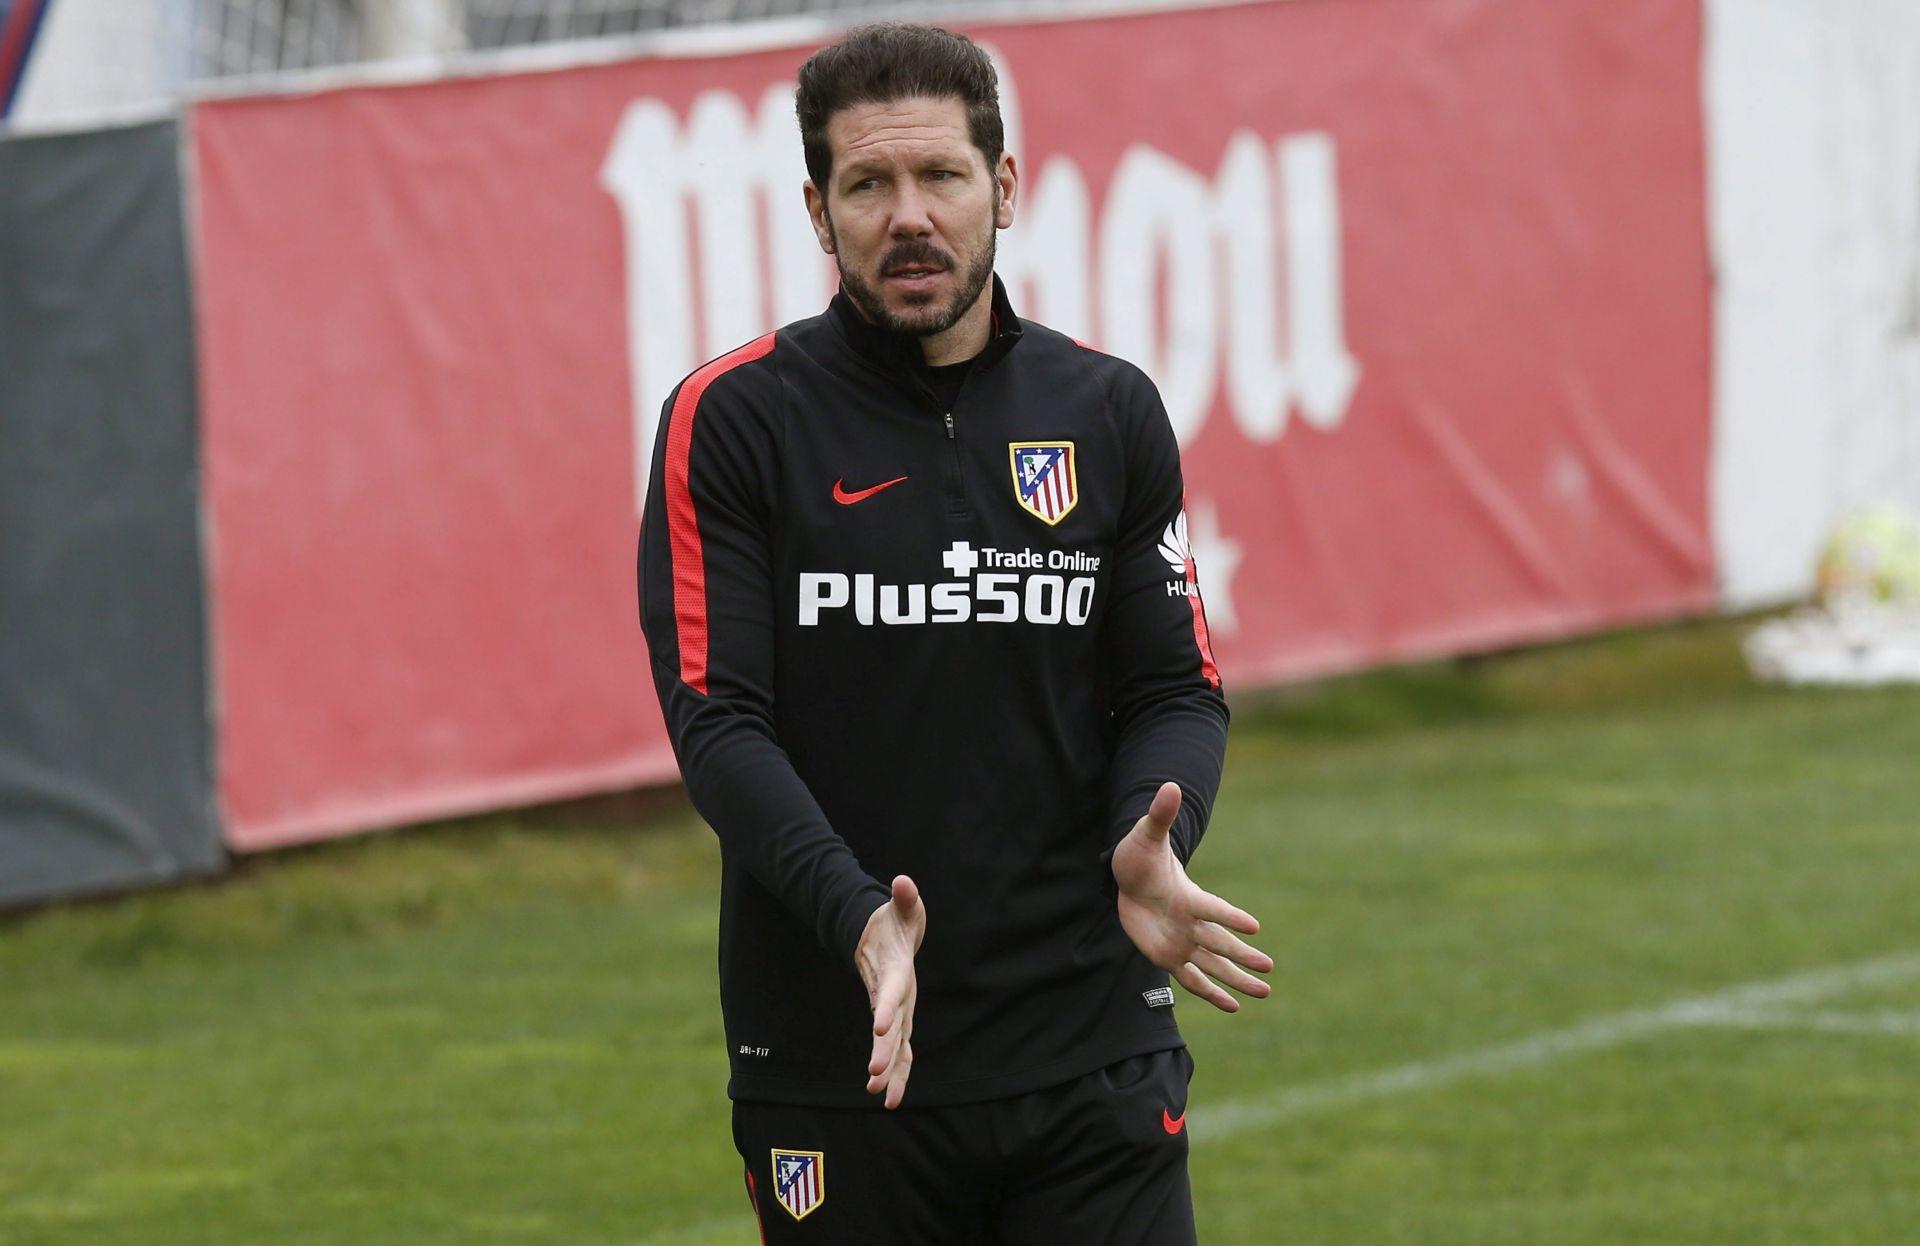 NESPORTSKO NATJECANJE: Diego Simeone dobio tri utakmice zabrane